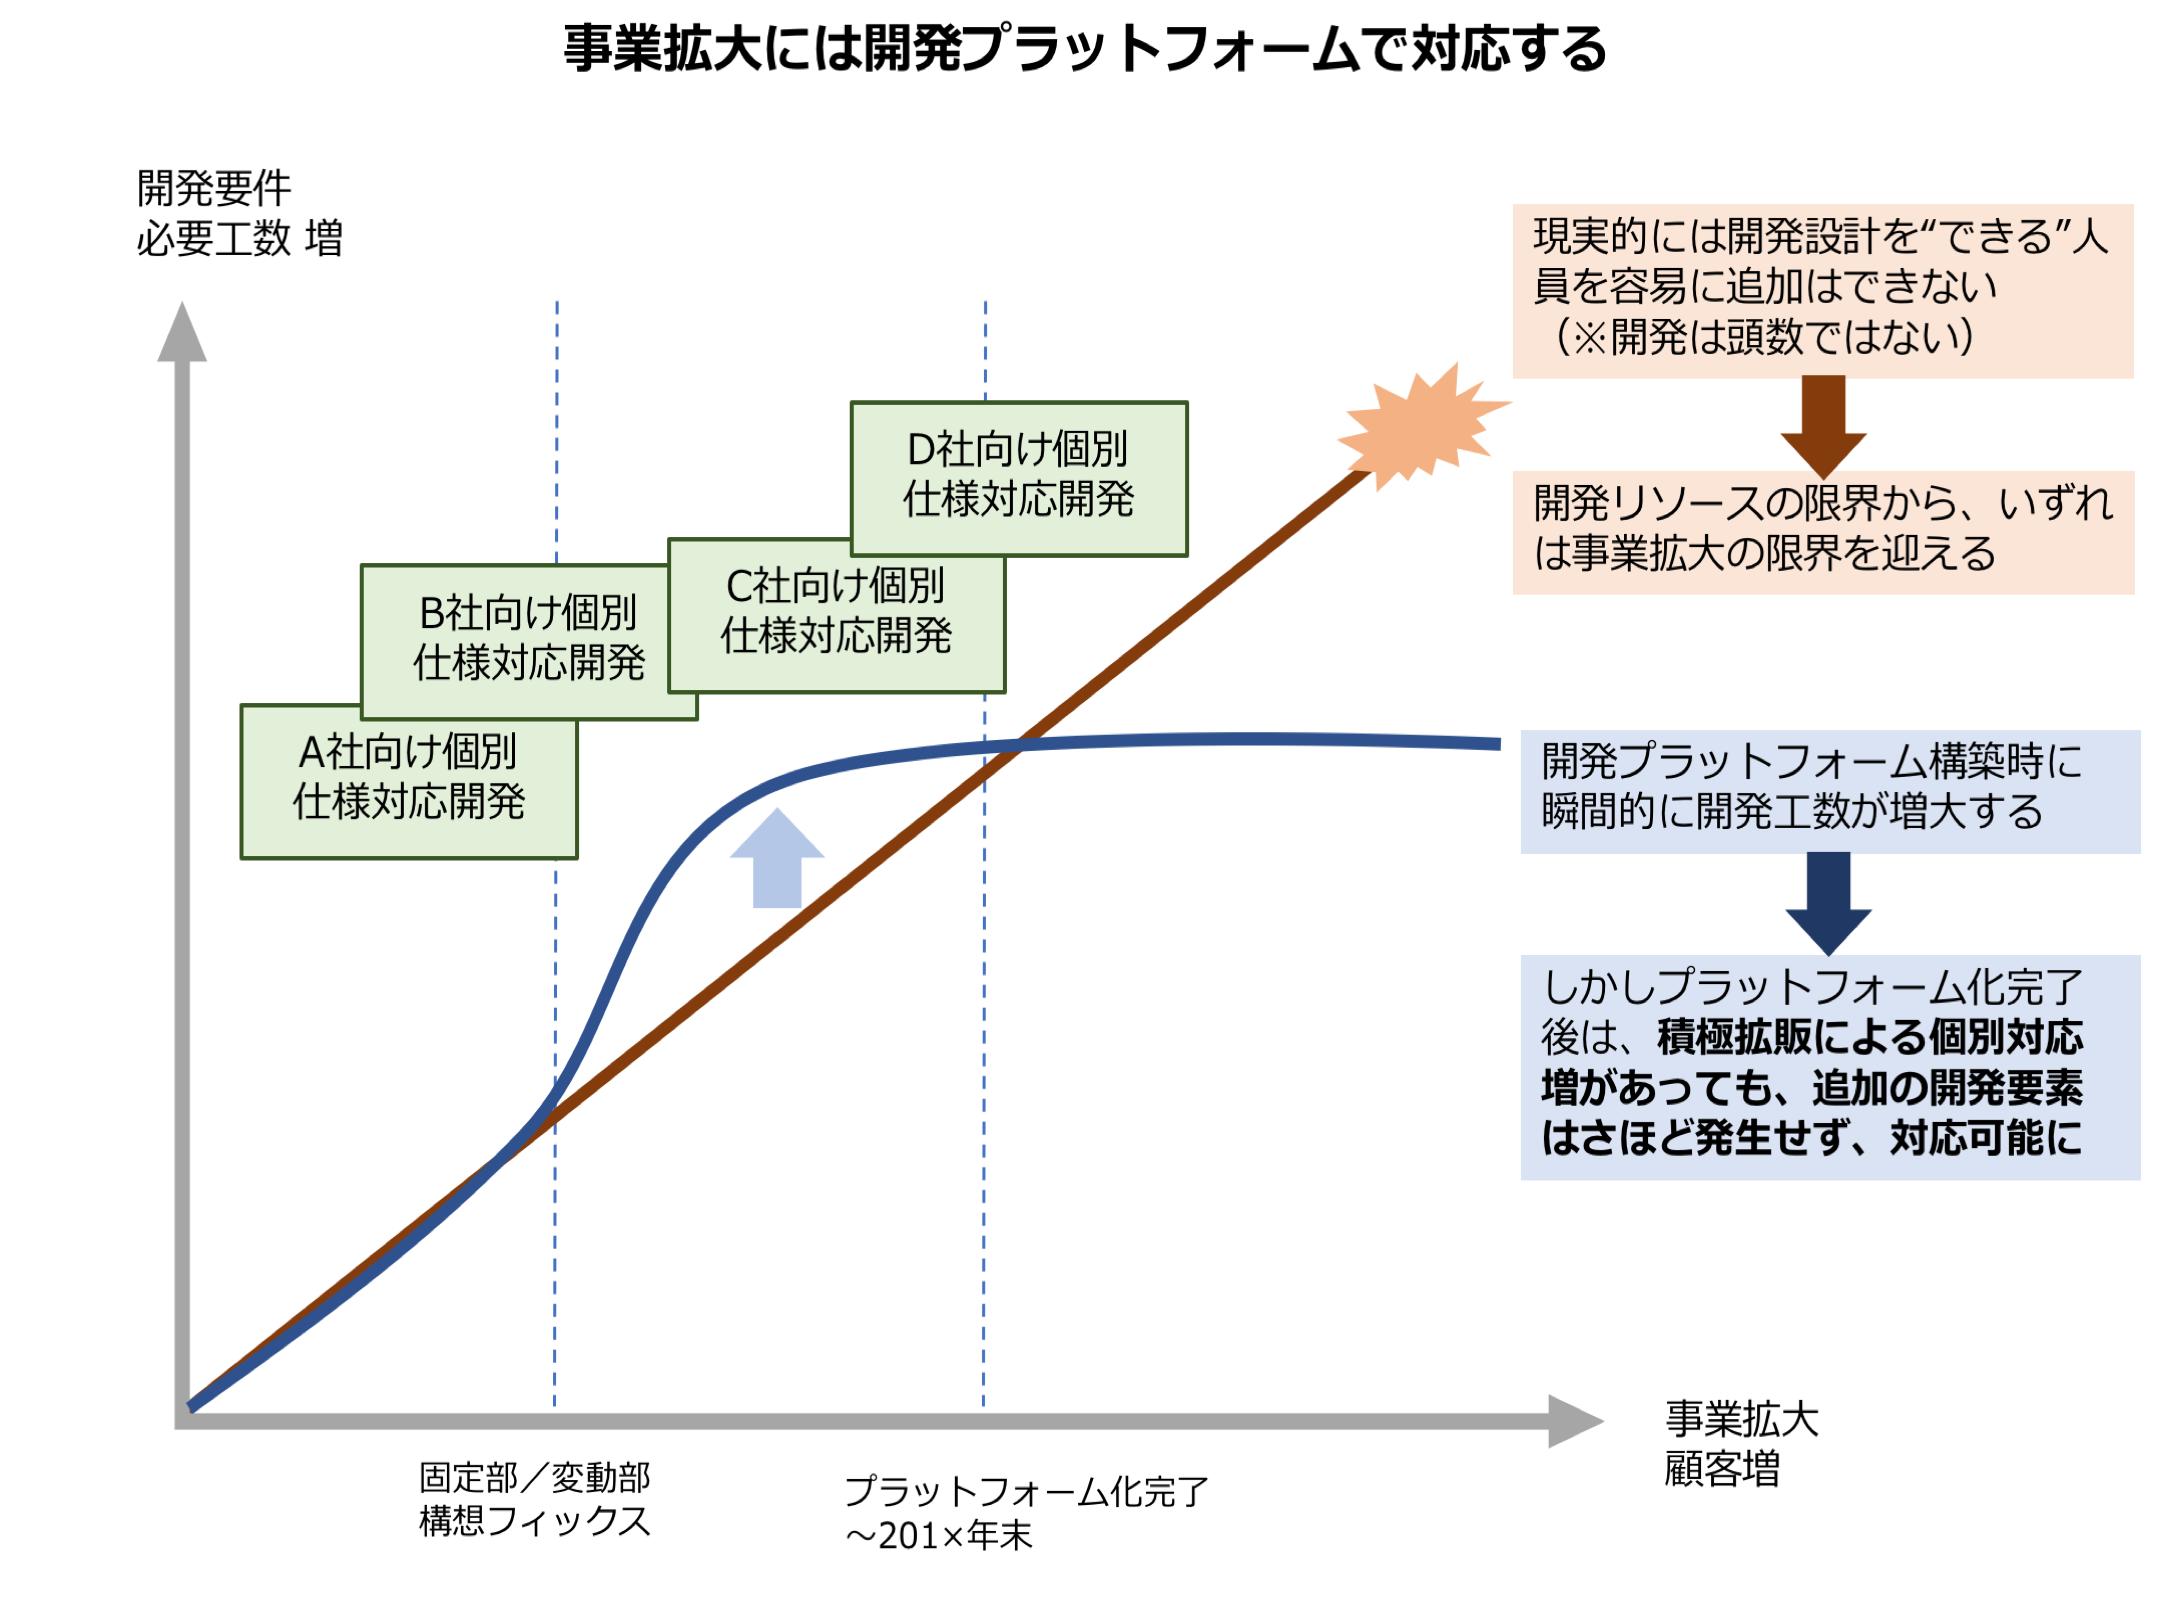 col_takahashi_08_01.png